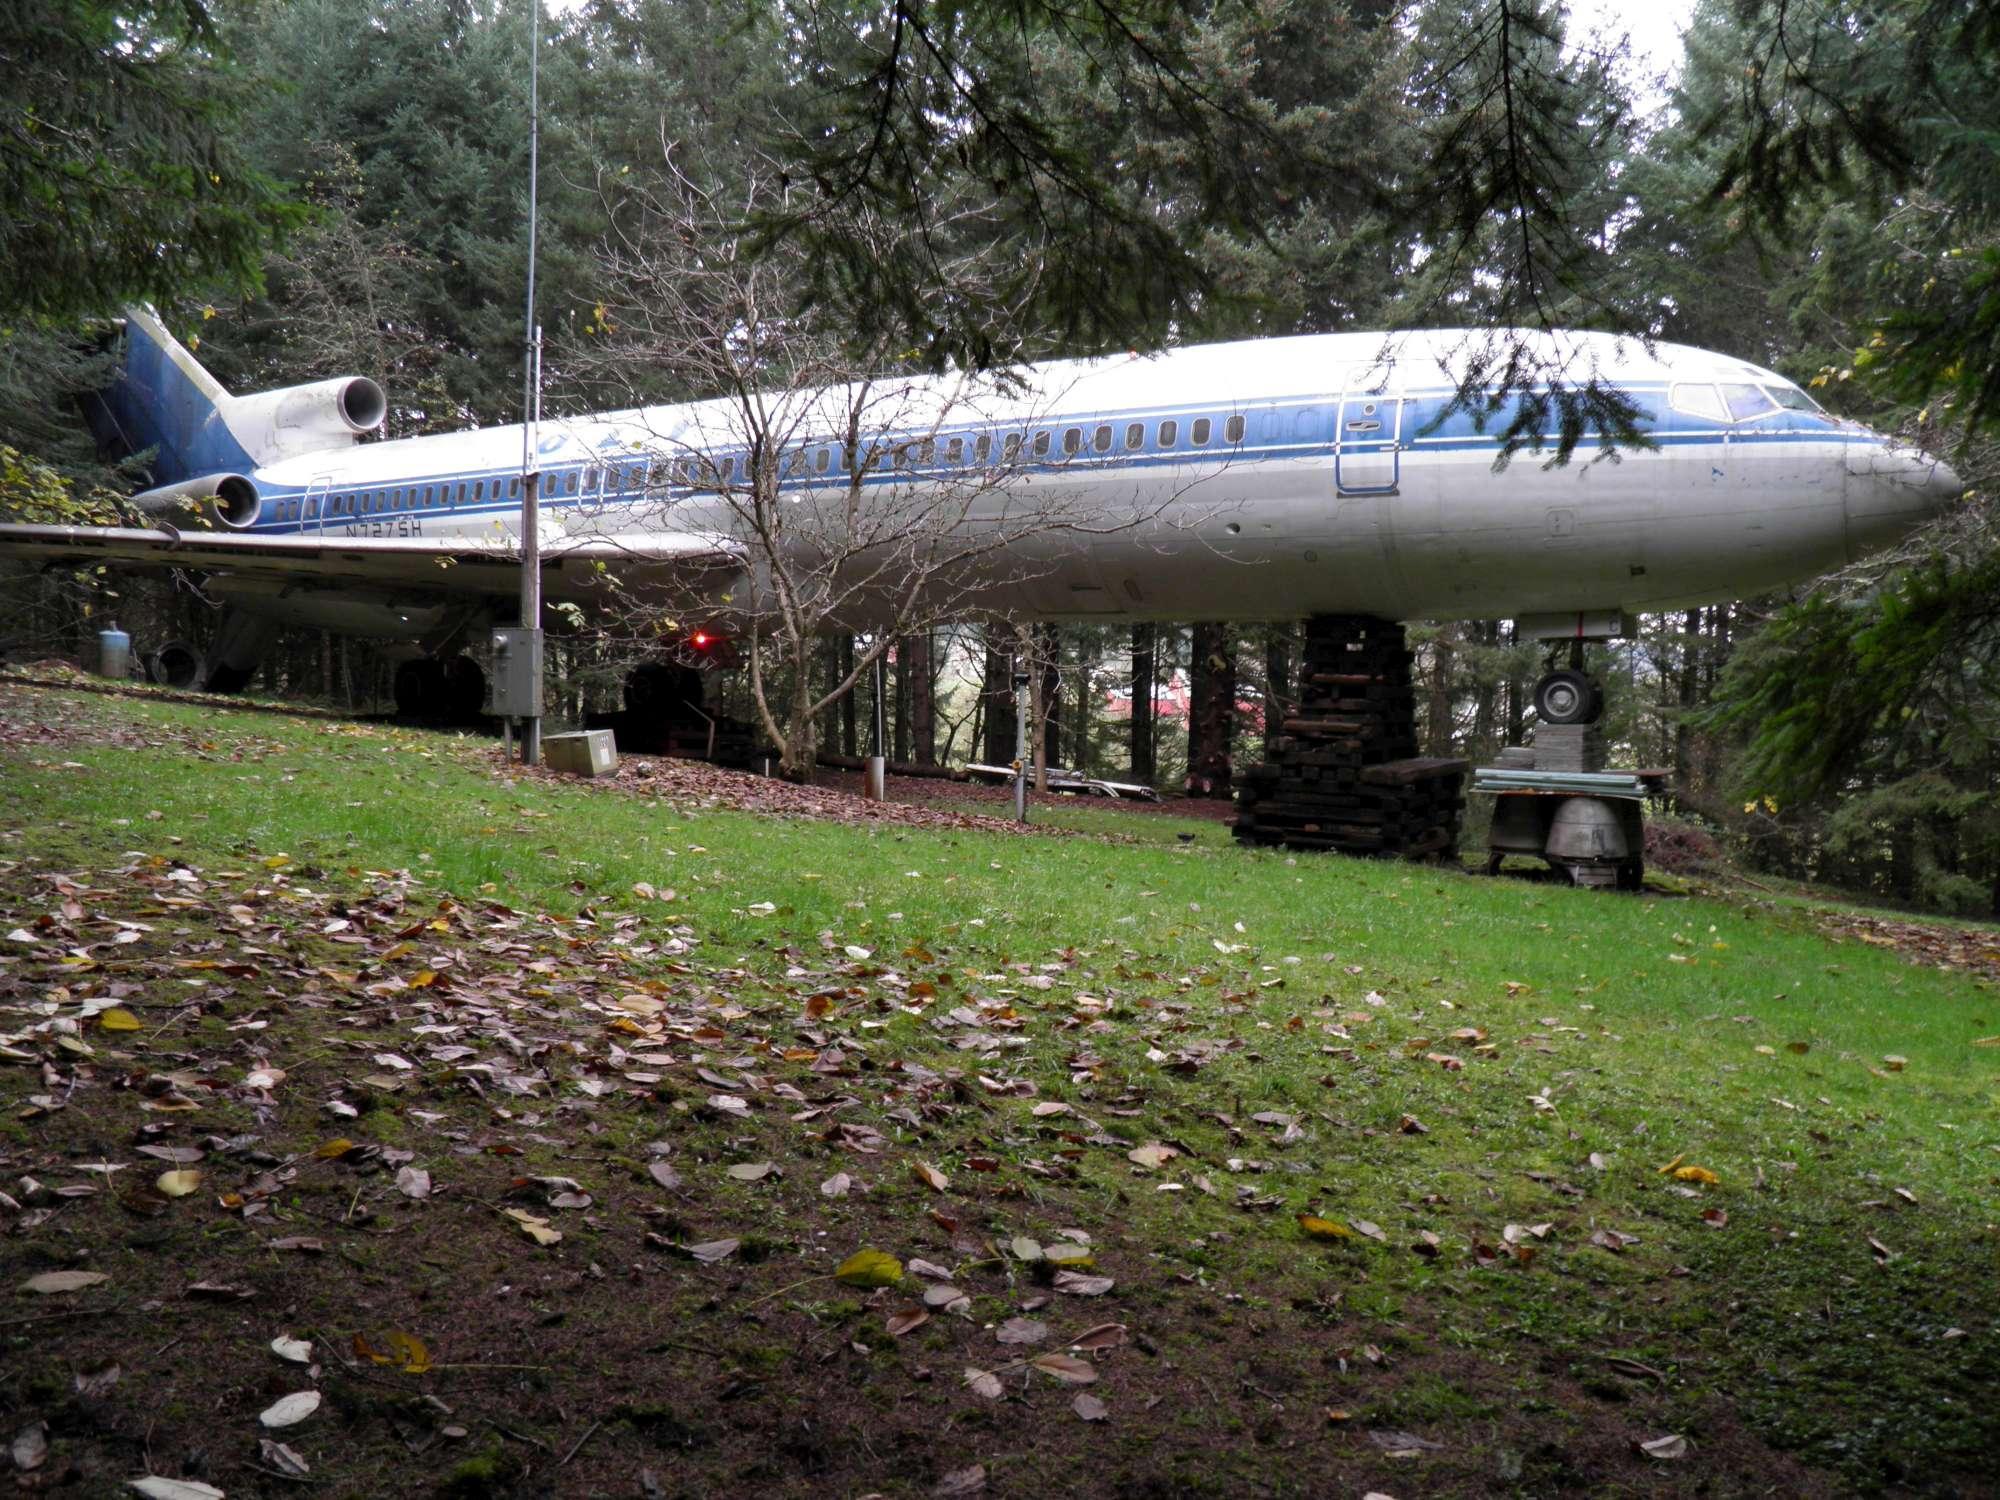 Un Boeing come casa: ecco Bruce Campbell, l uomo che vive in un aereo in mezzo al bosco